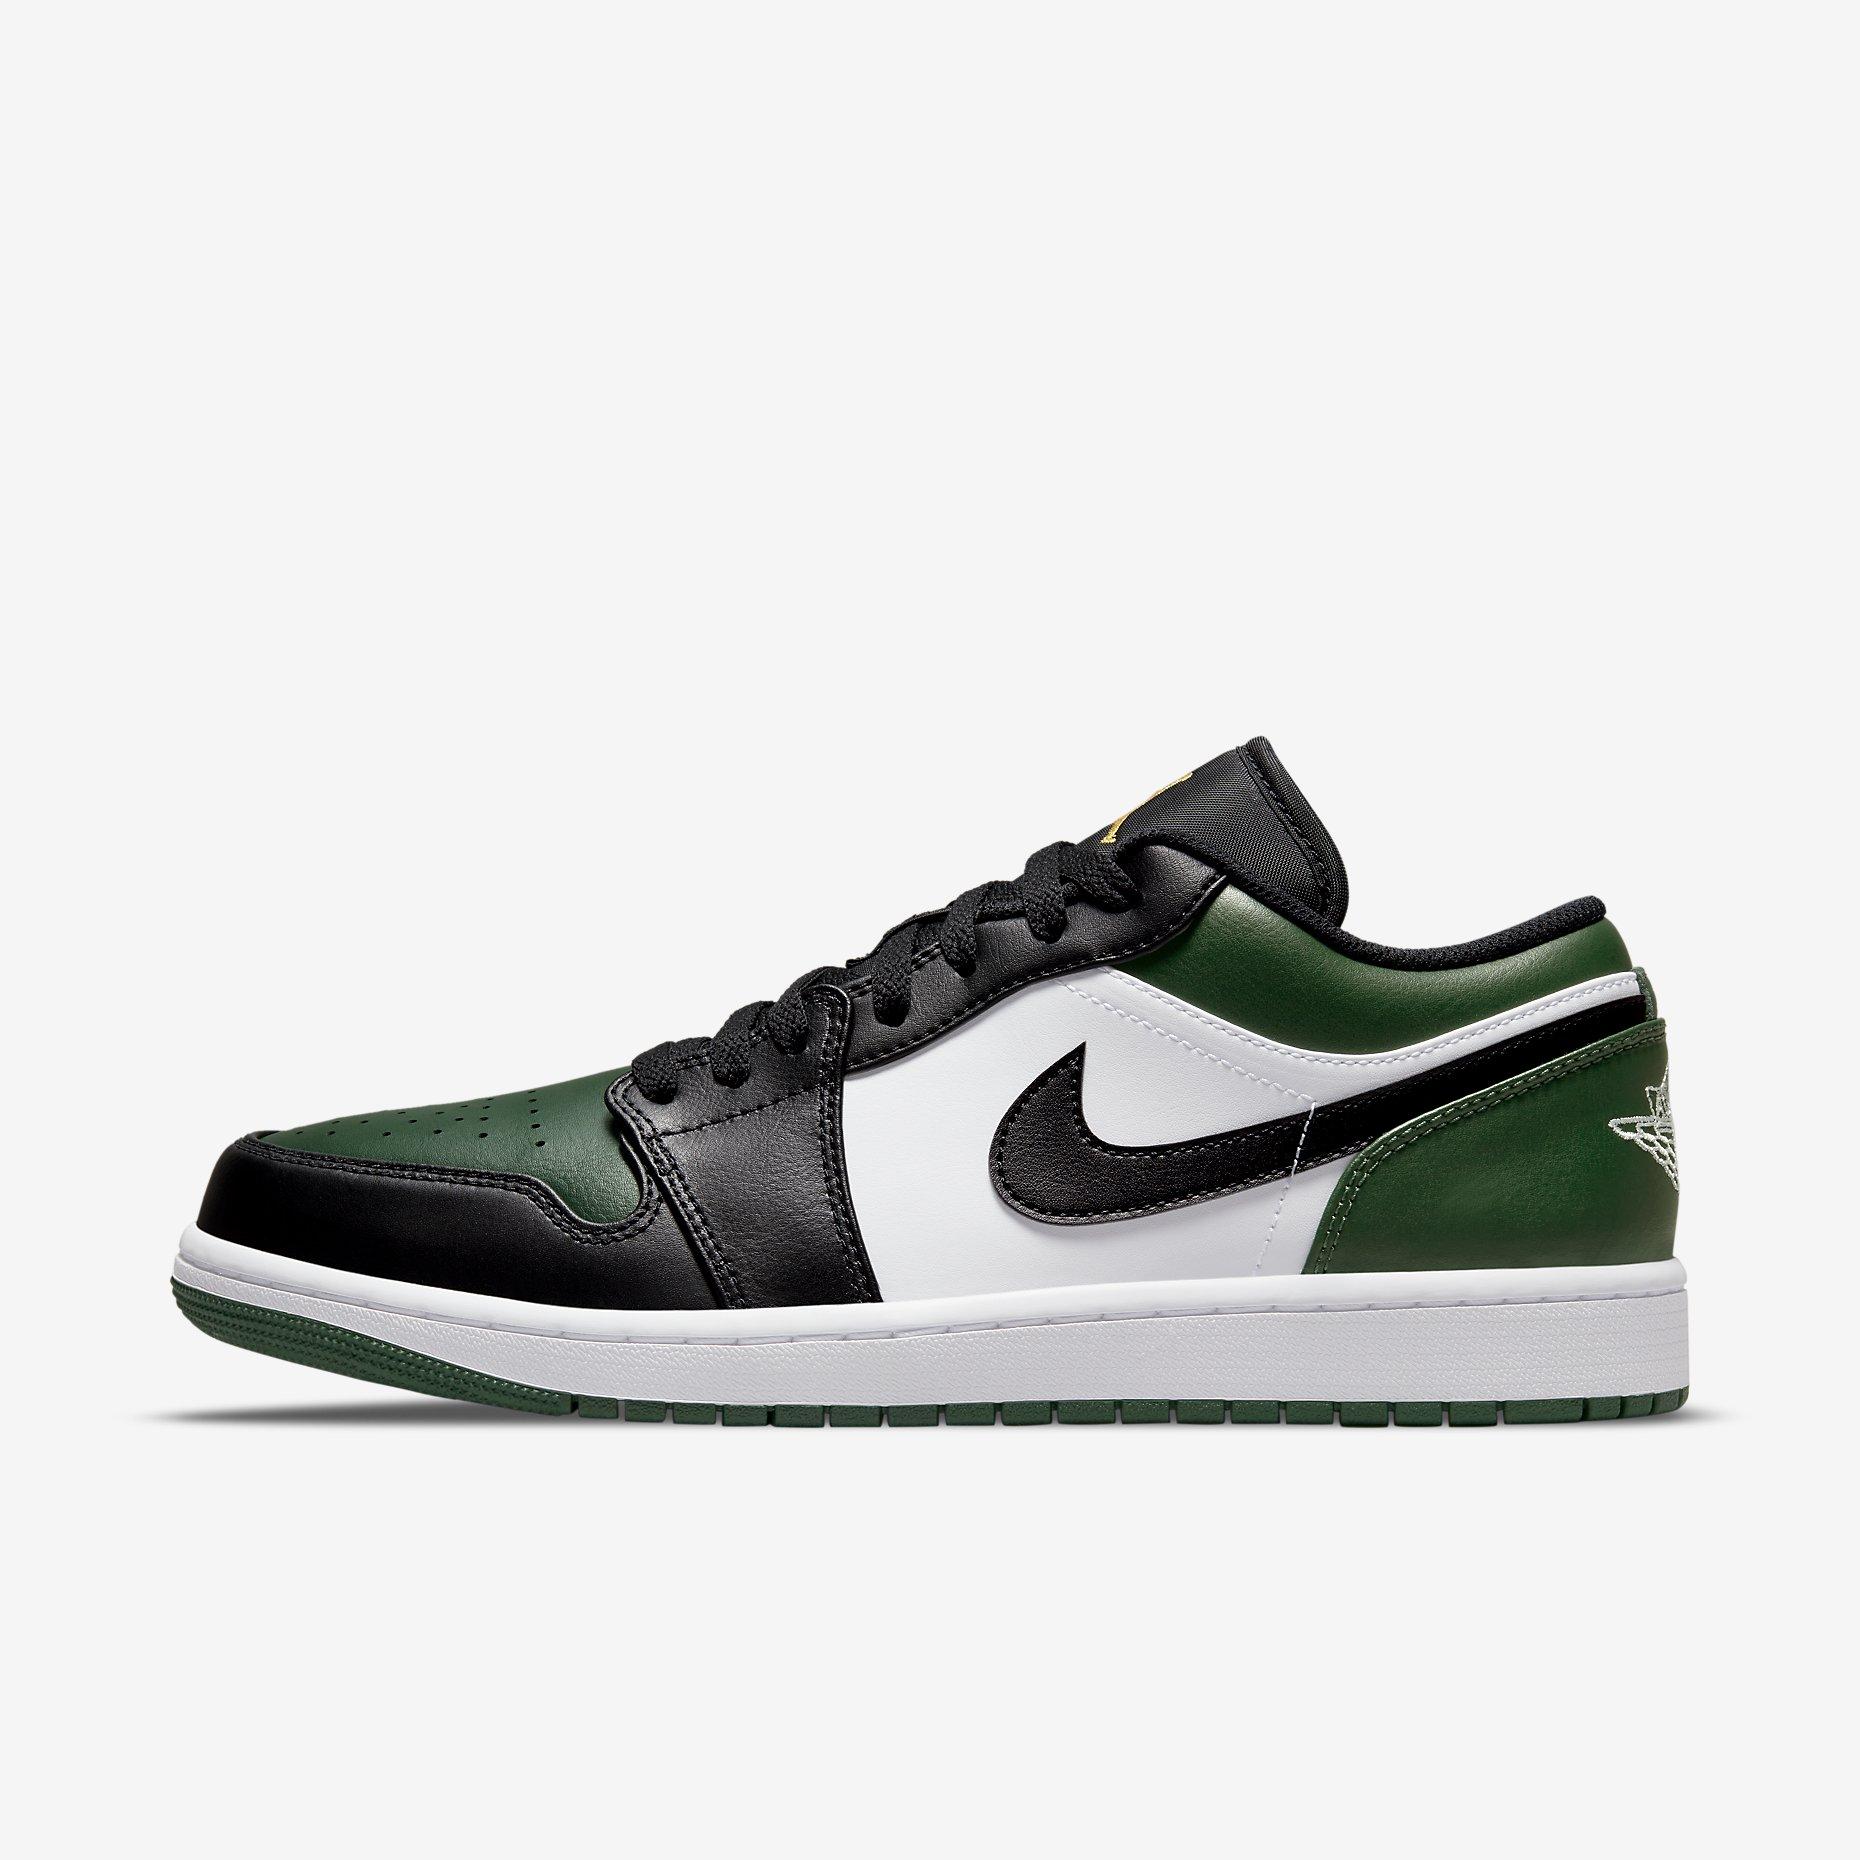 Air Jordan 1 Low 'Noble Green' - Green Toe